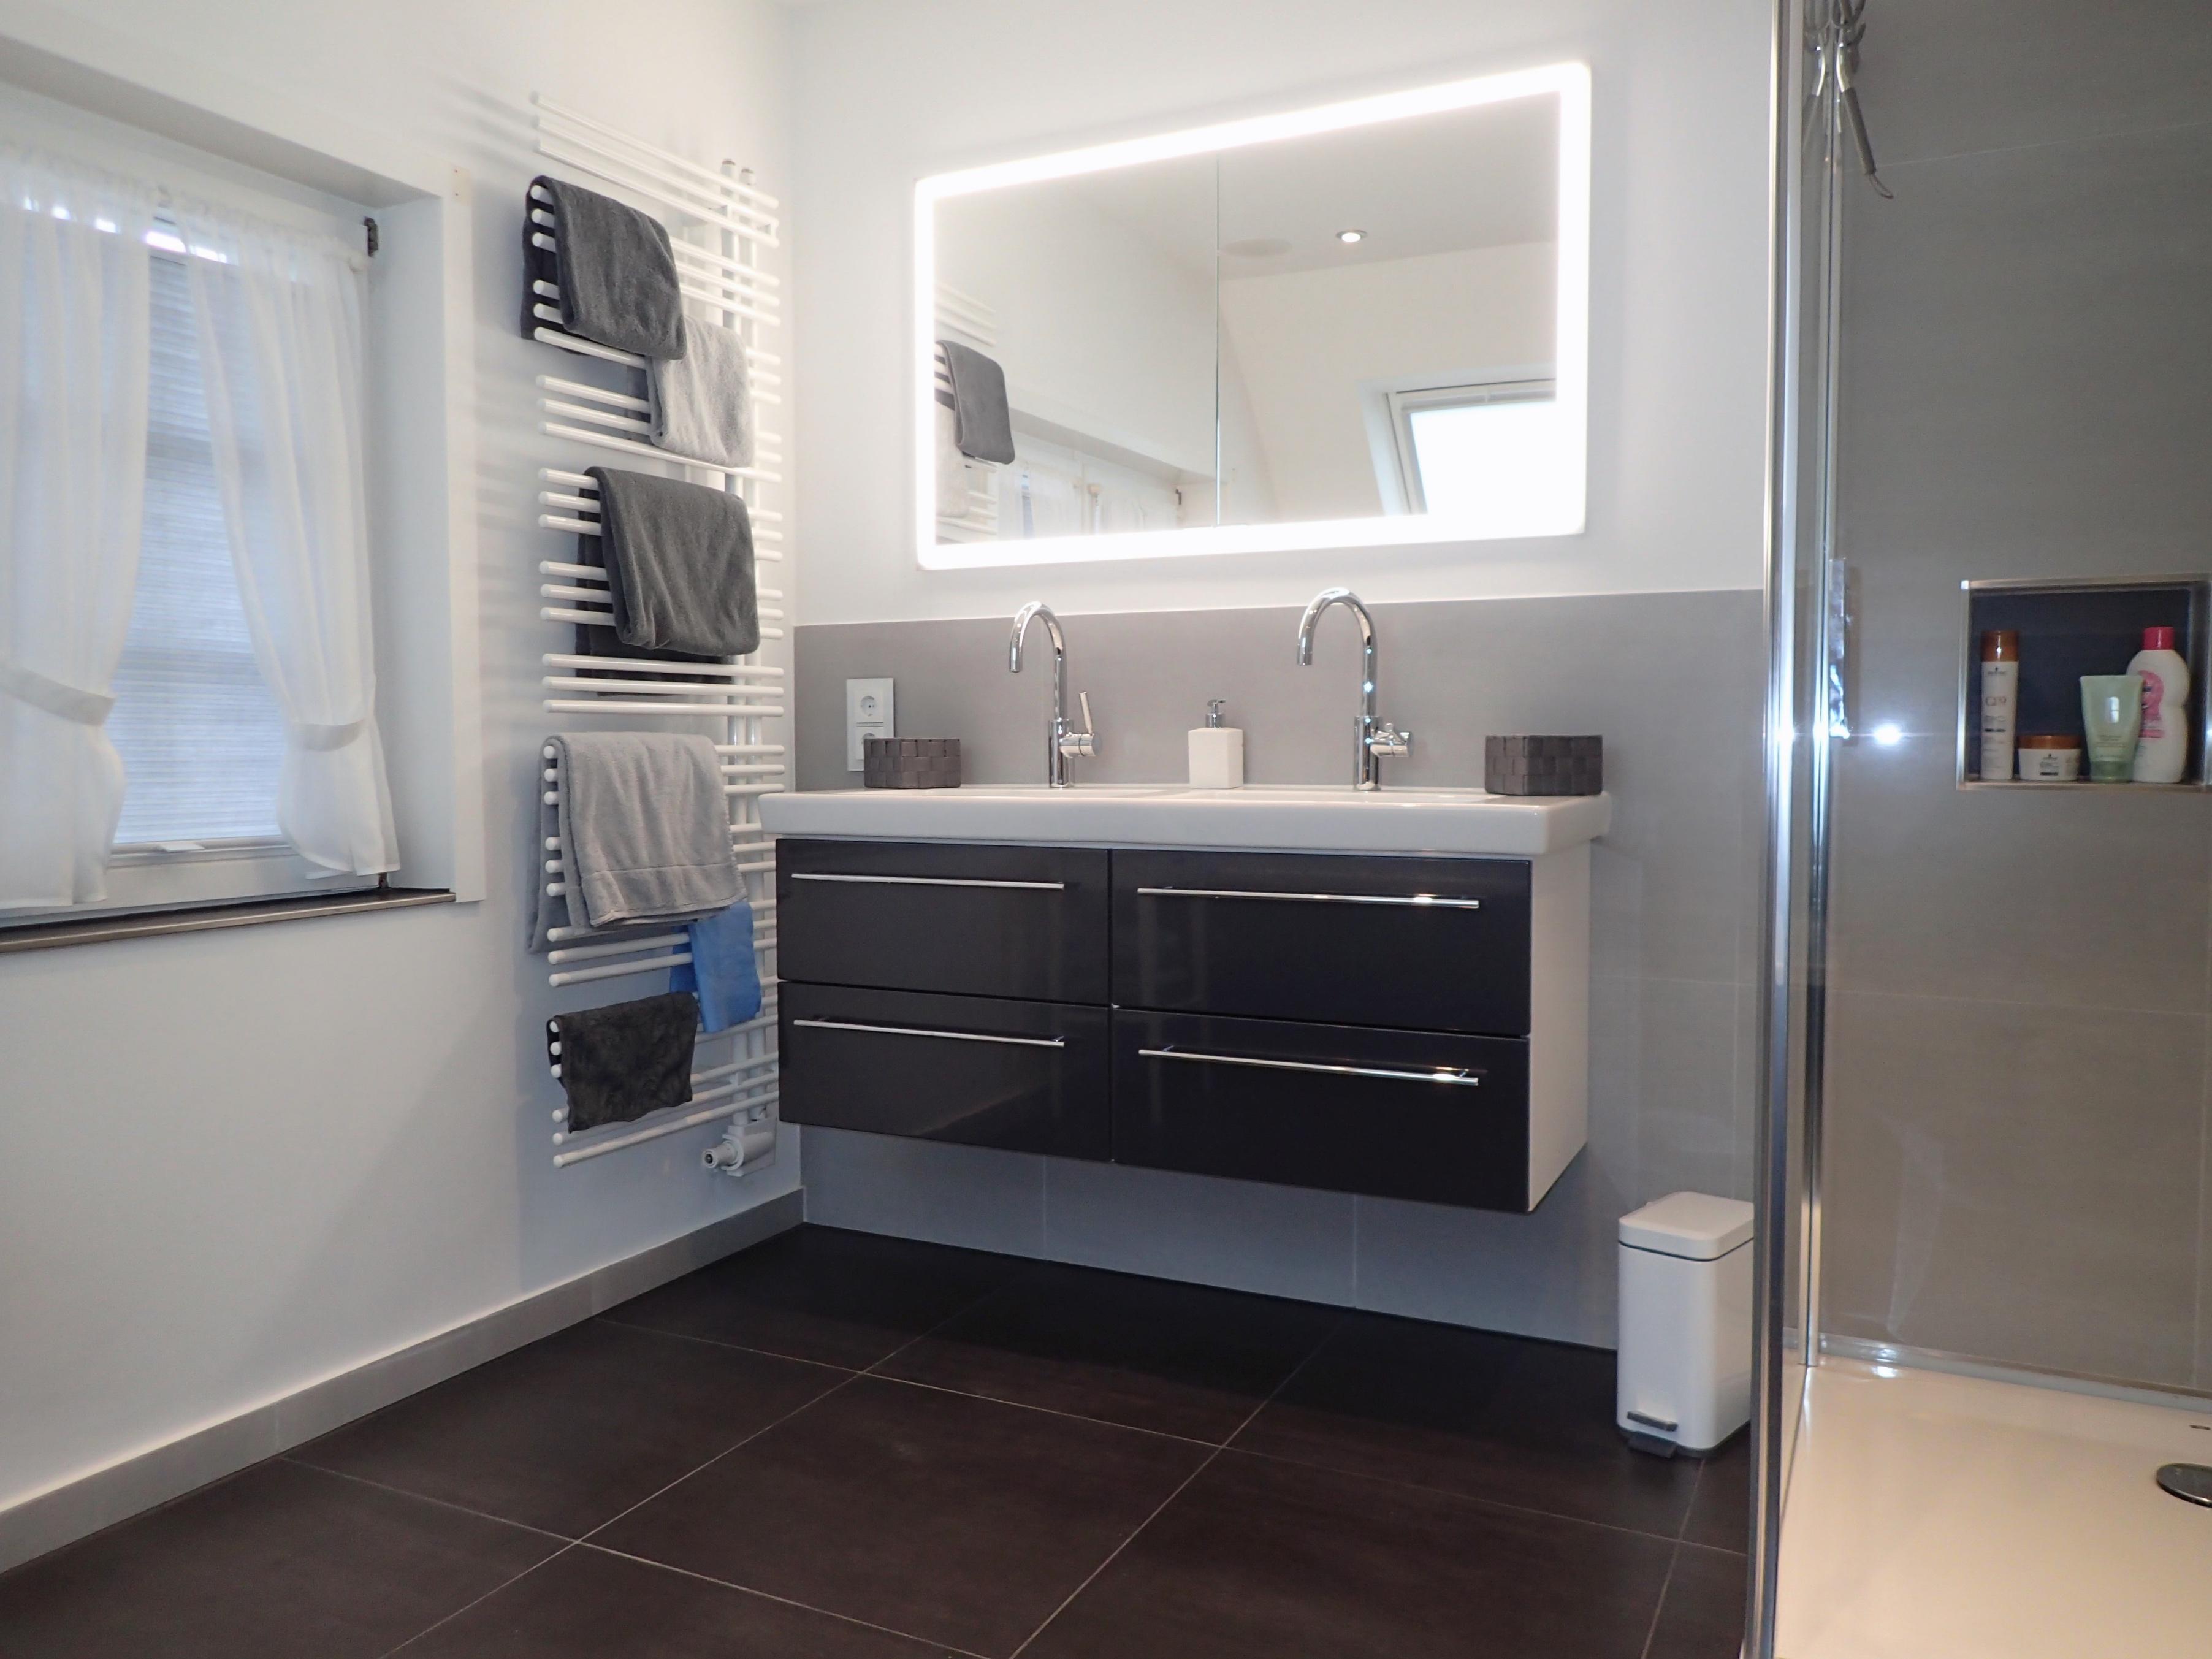 Badfliesen sind die Basis des Badezimmers und haben einen entscheidenden Einfluss auf die Raumstimmung.